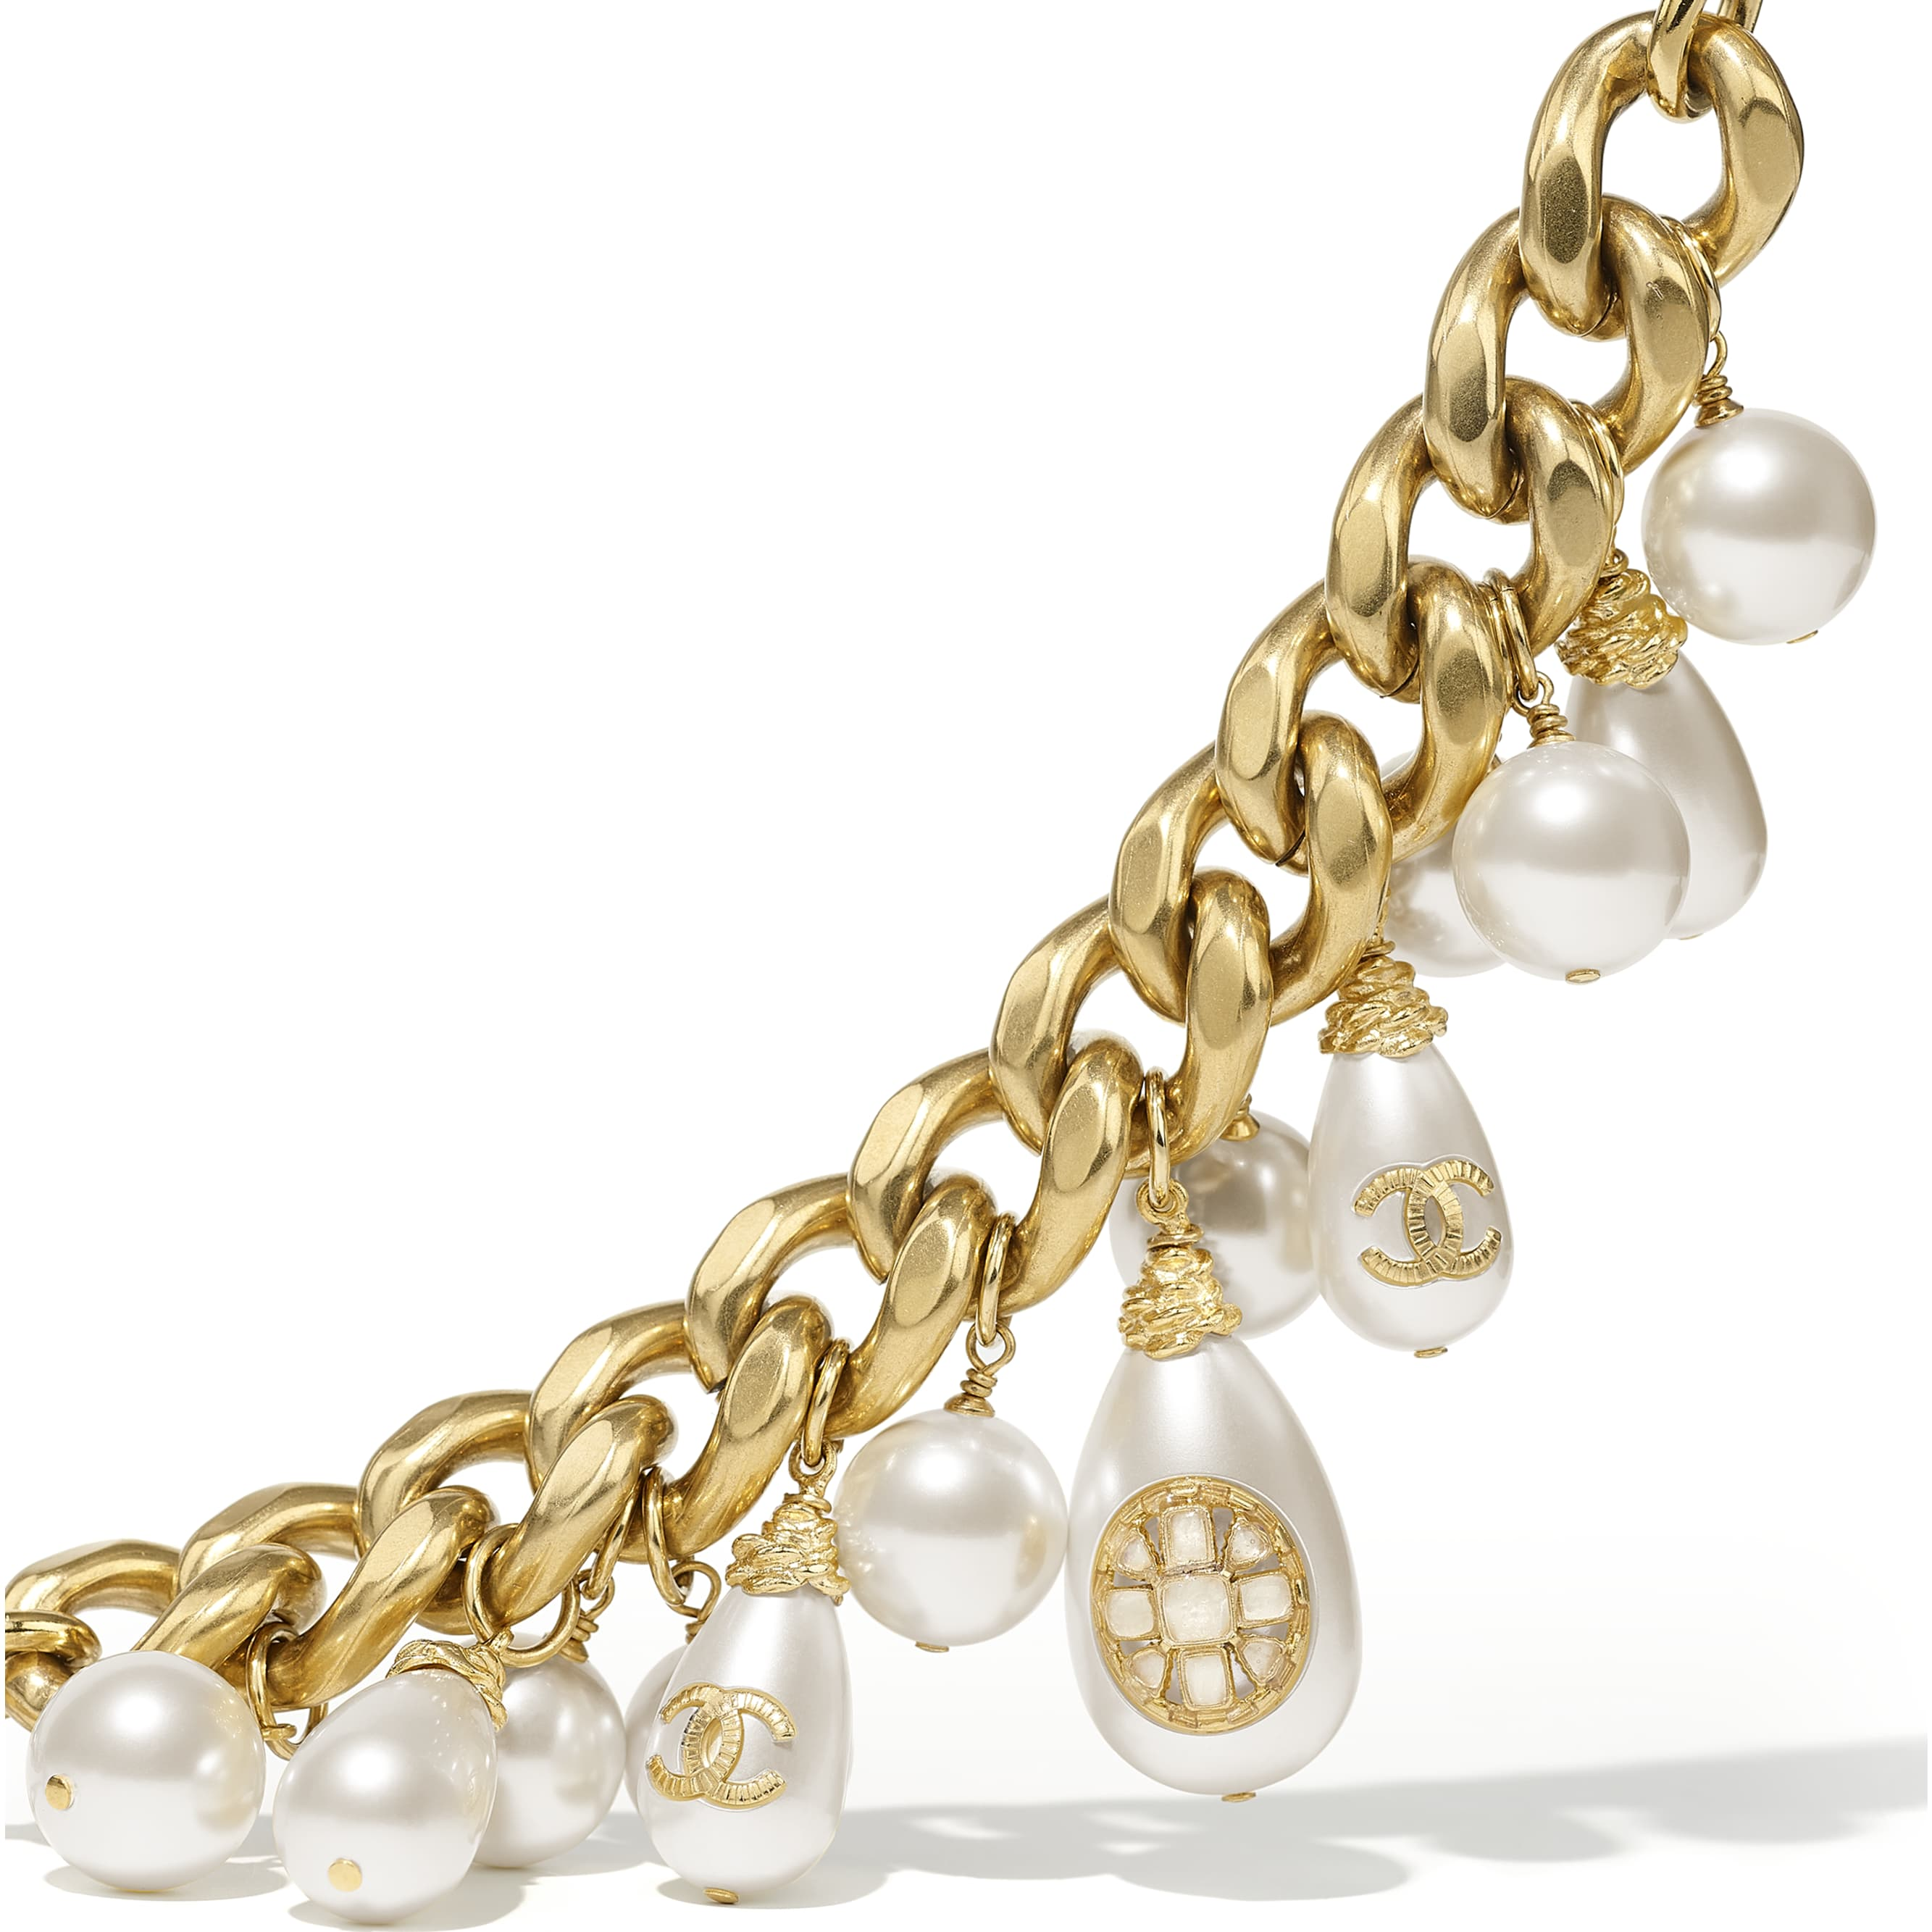 Bracciale - Oro & bianco perlato - Metallo, perle in pasta di vetro, perle fantasia & resina - CHANEL - Immagine diversa - vedere versione standard